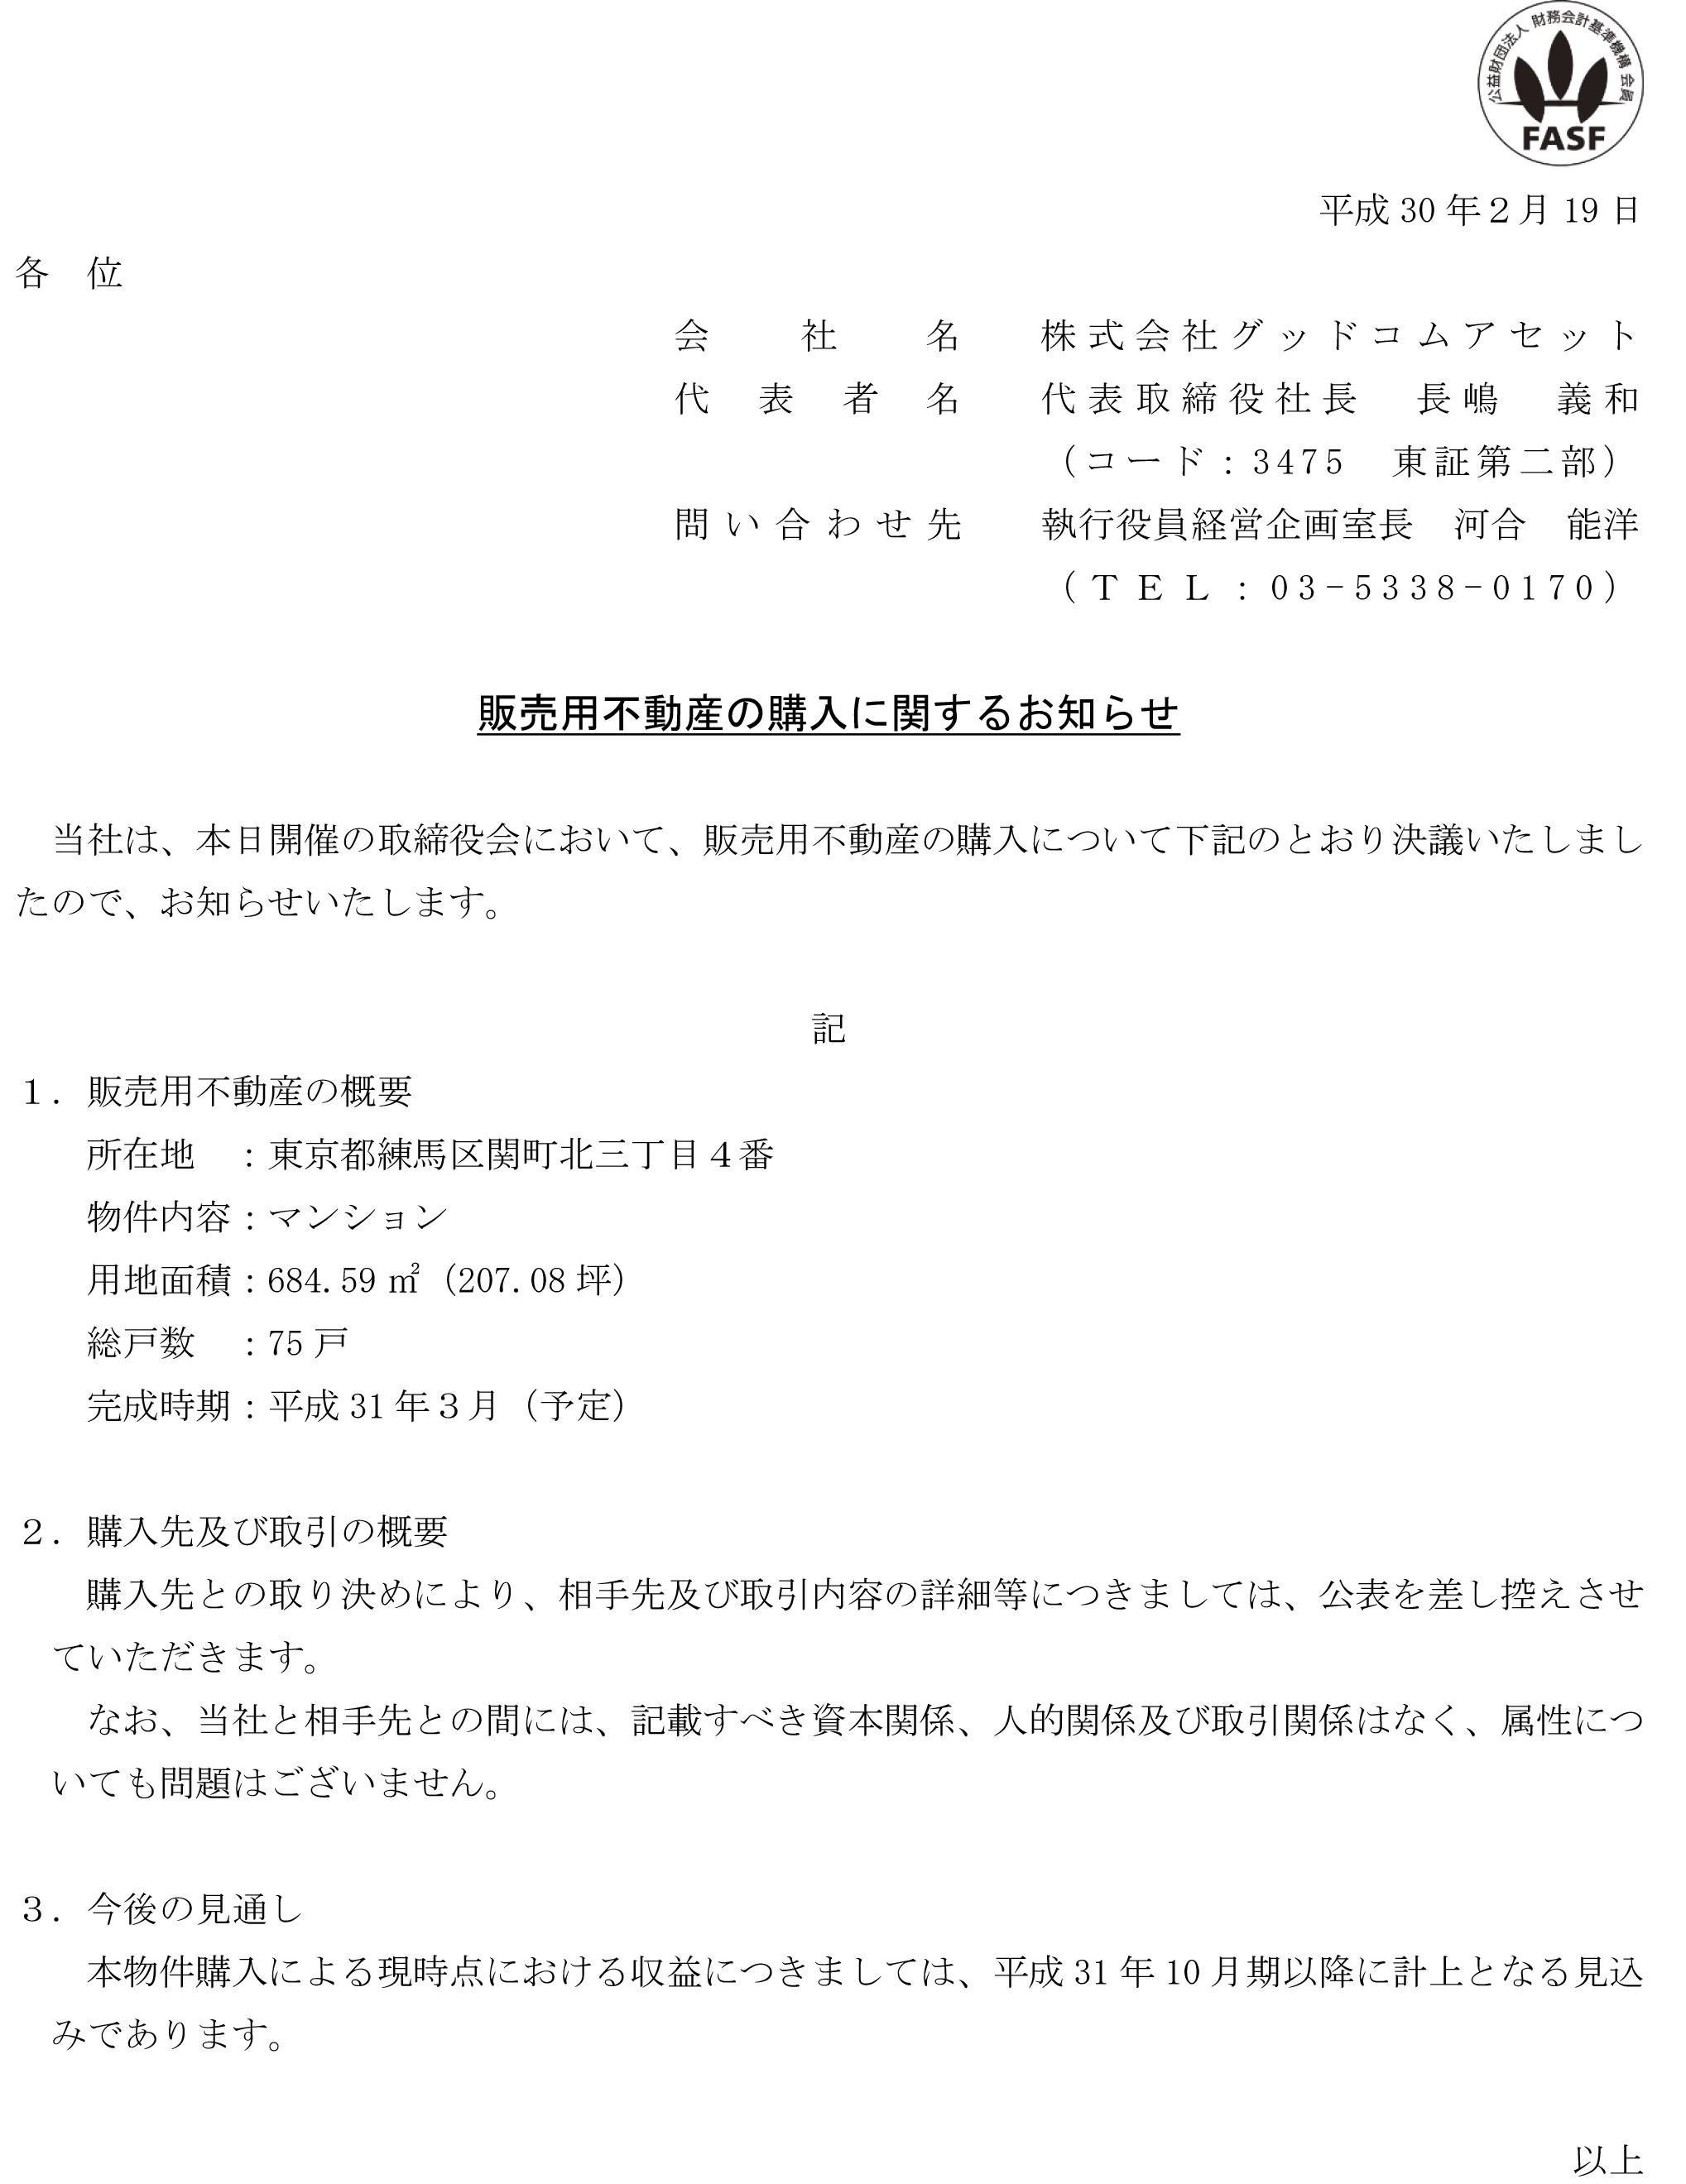 18-02-19販売用不動産の購入に関するお知らせ